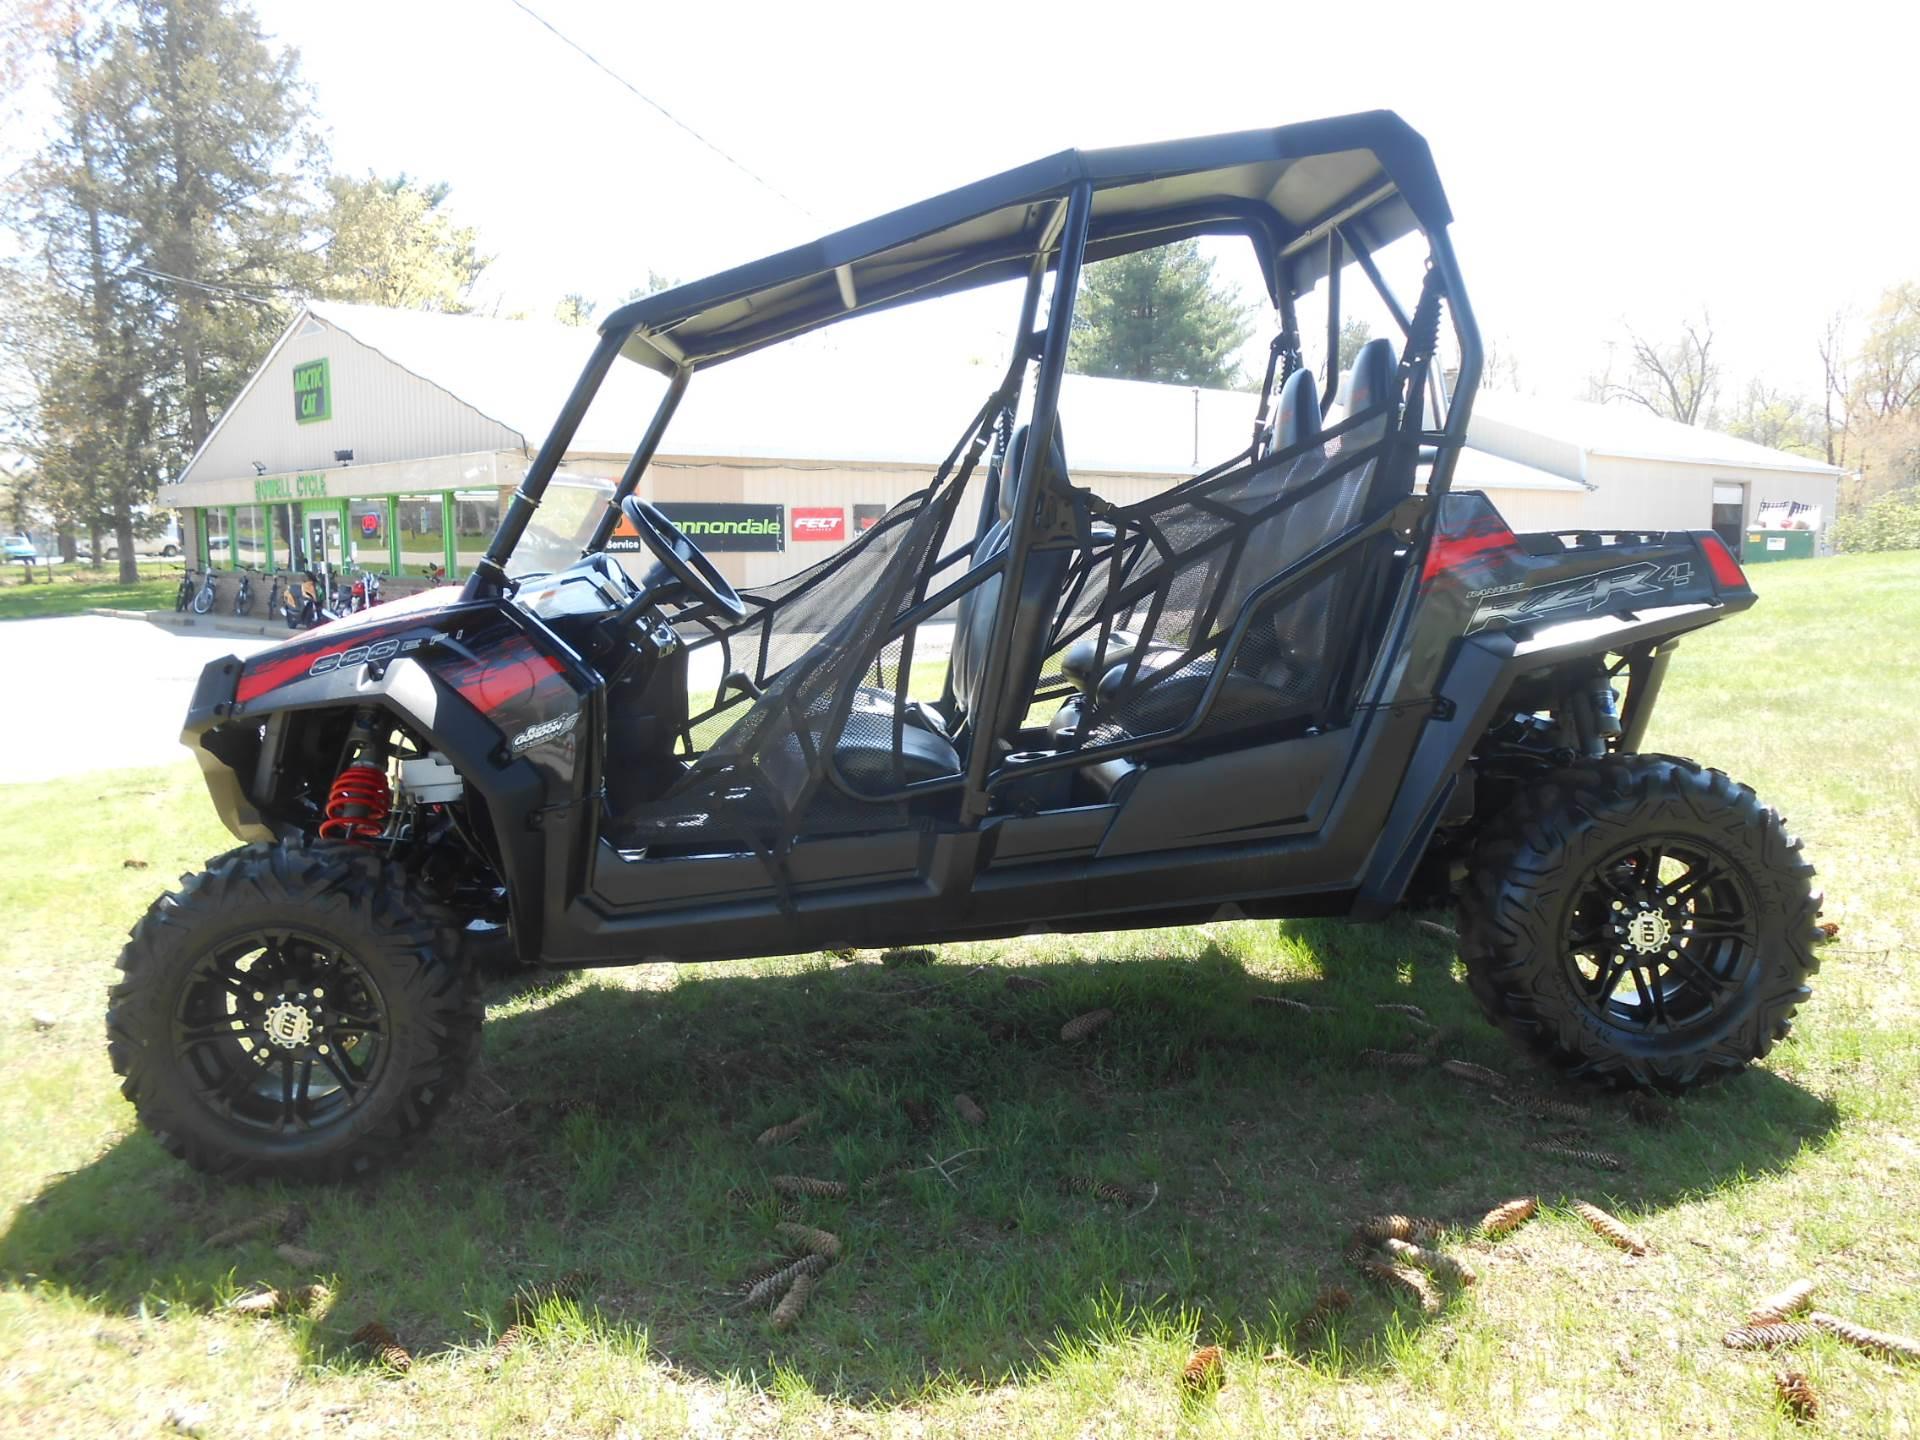 2011 Ranger RZR 4 800